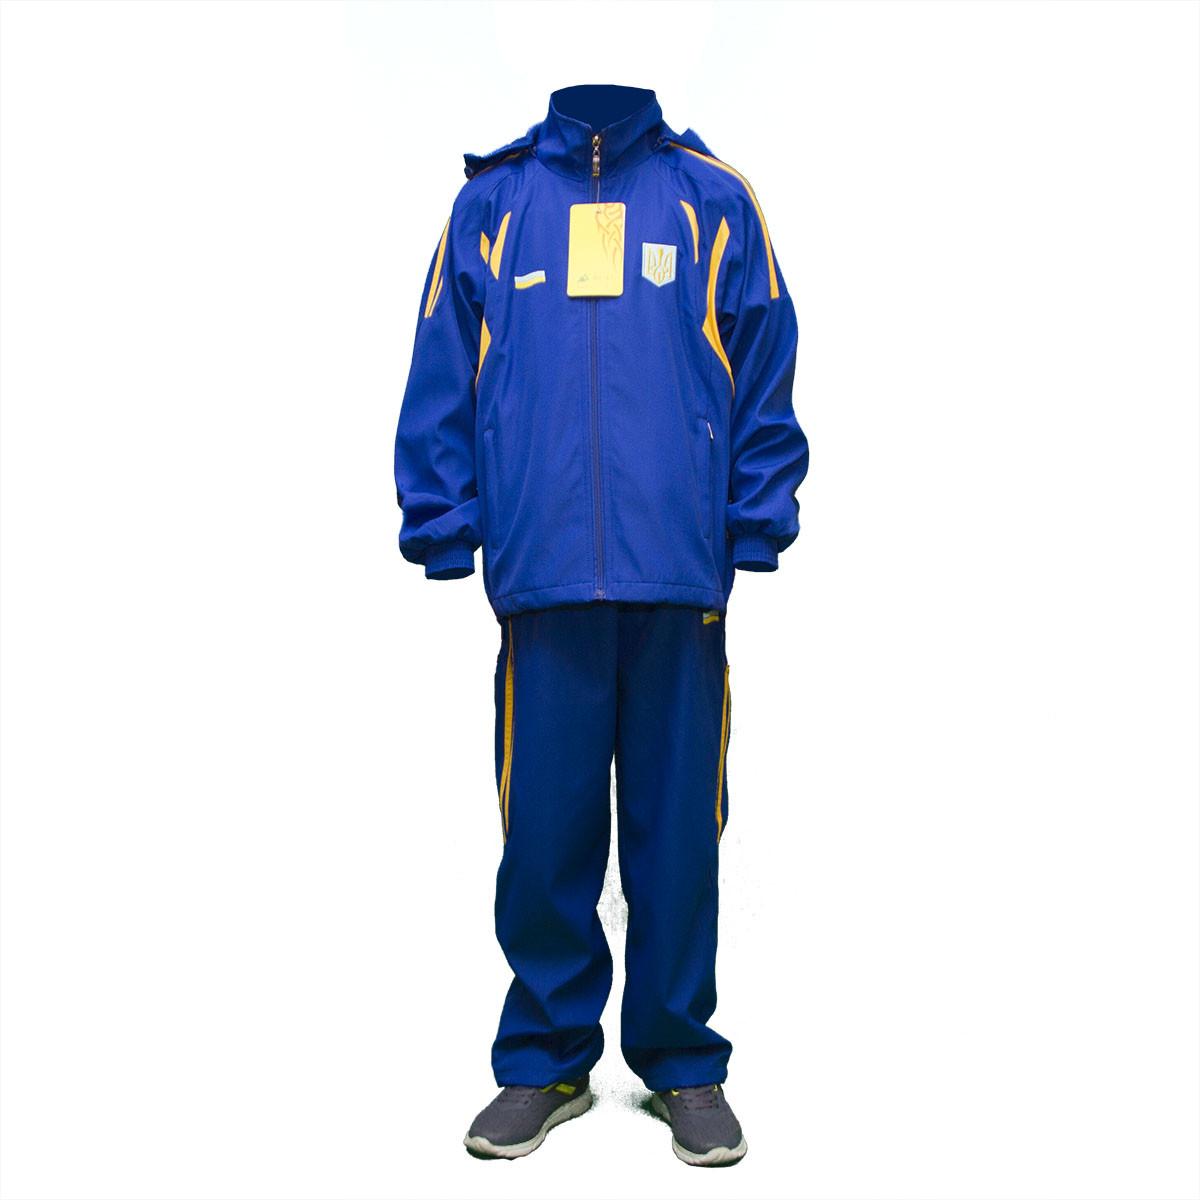 a59413a1 Спортивный костюм подросток плащевка